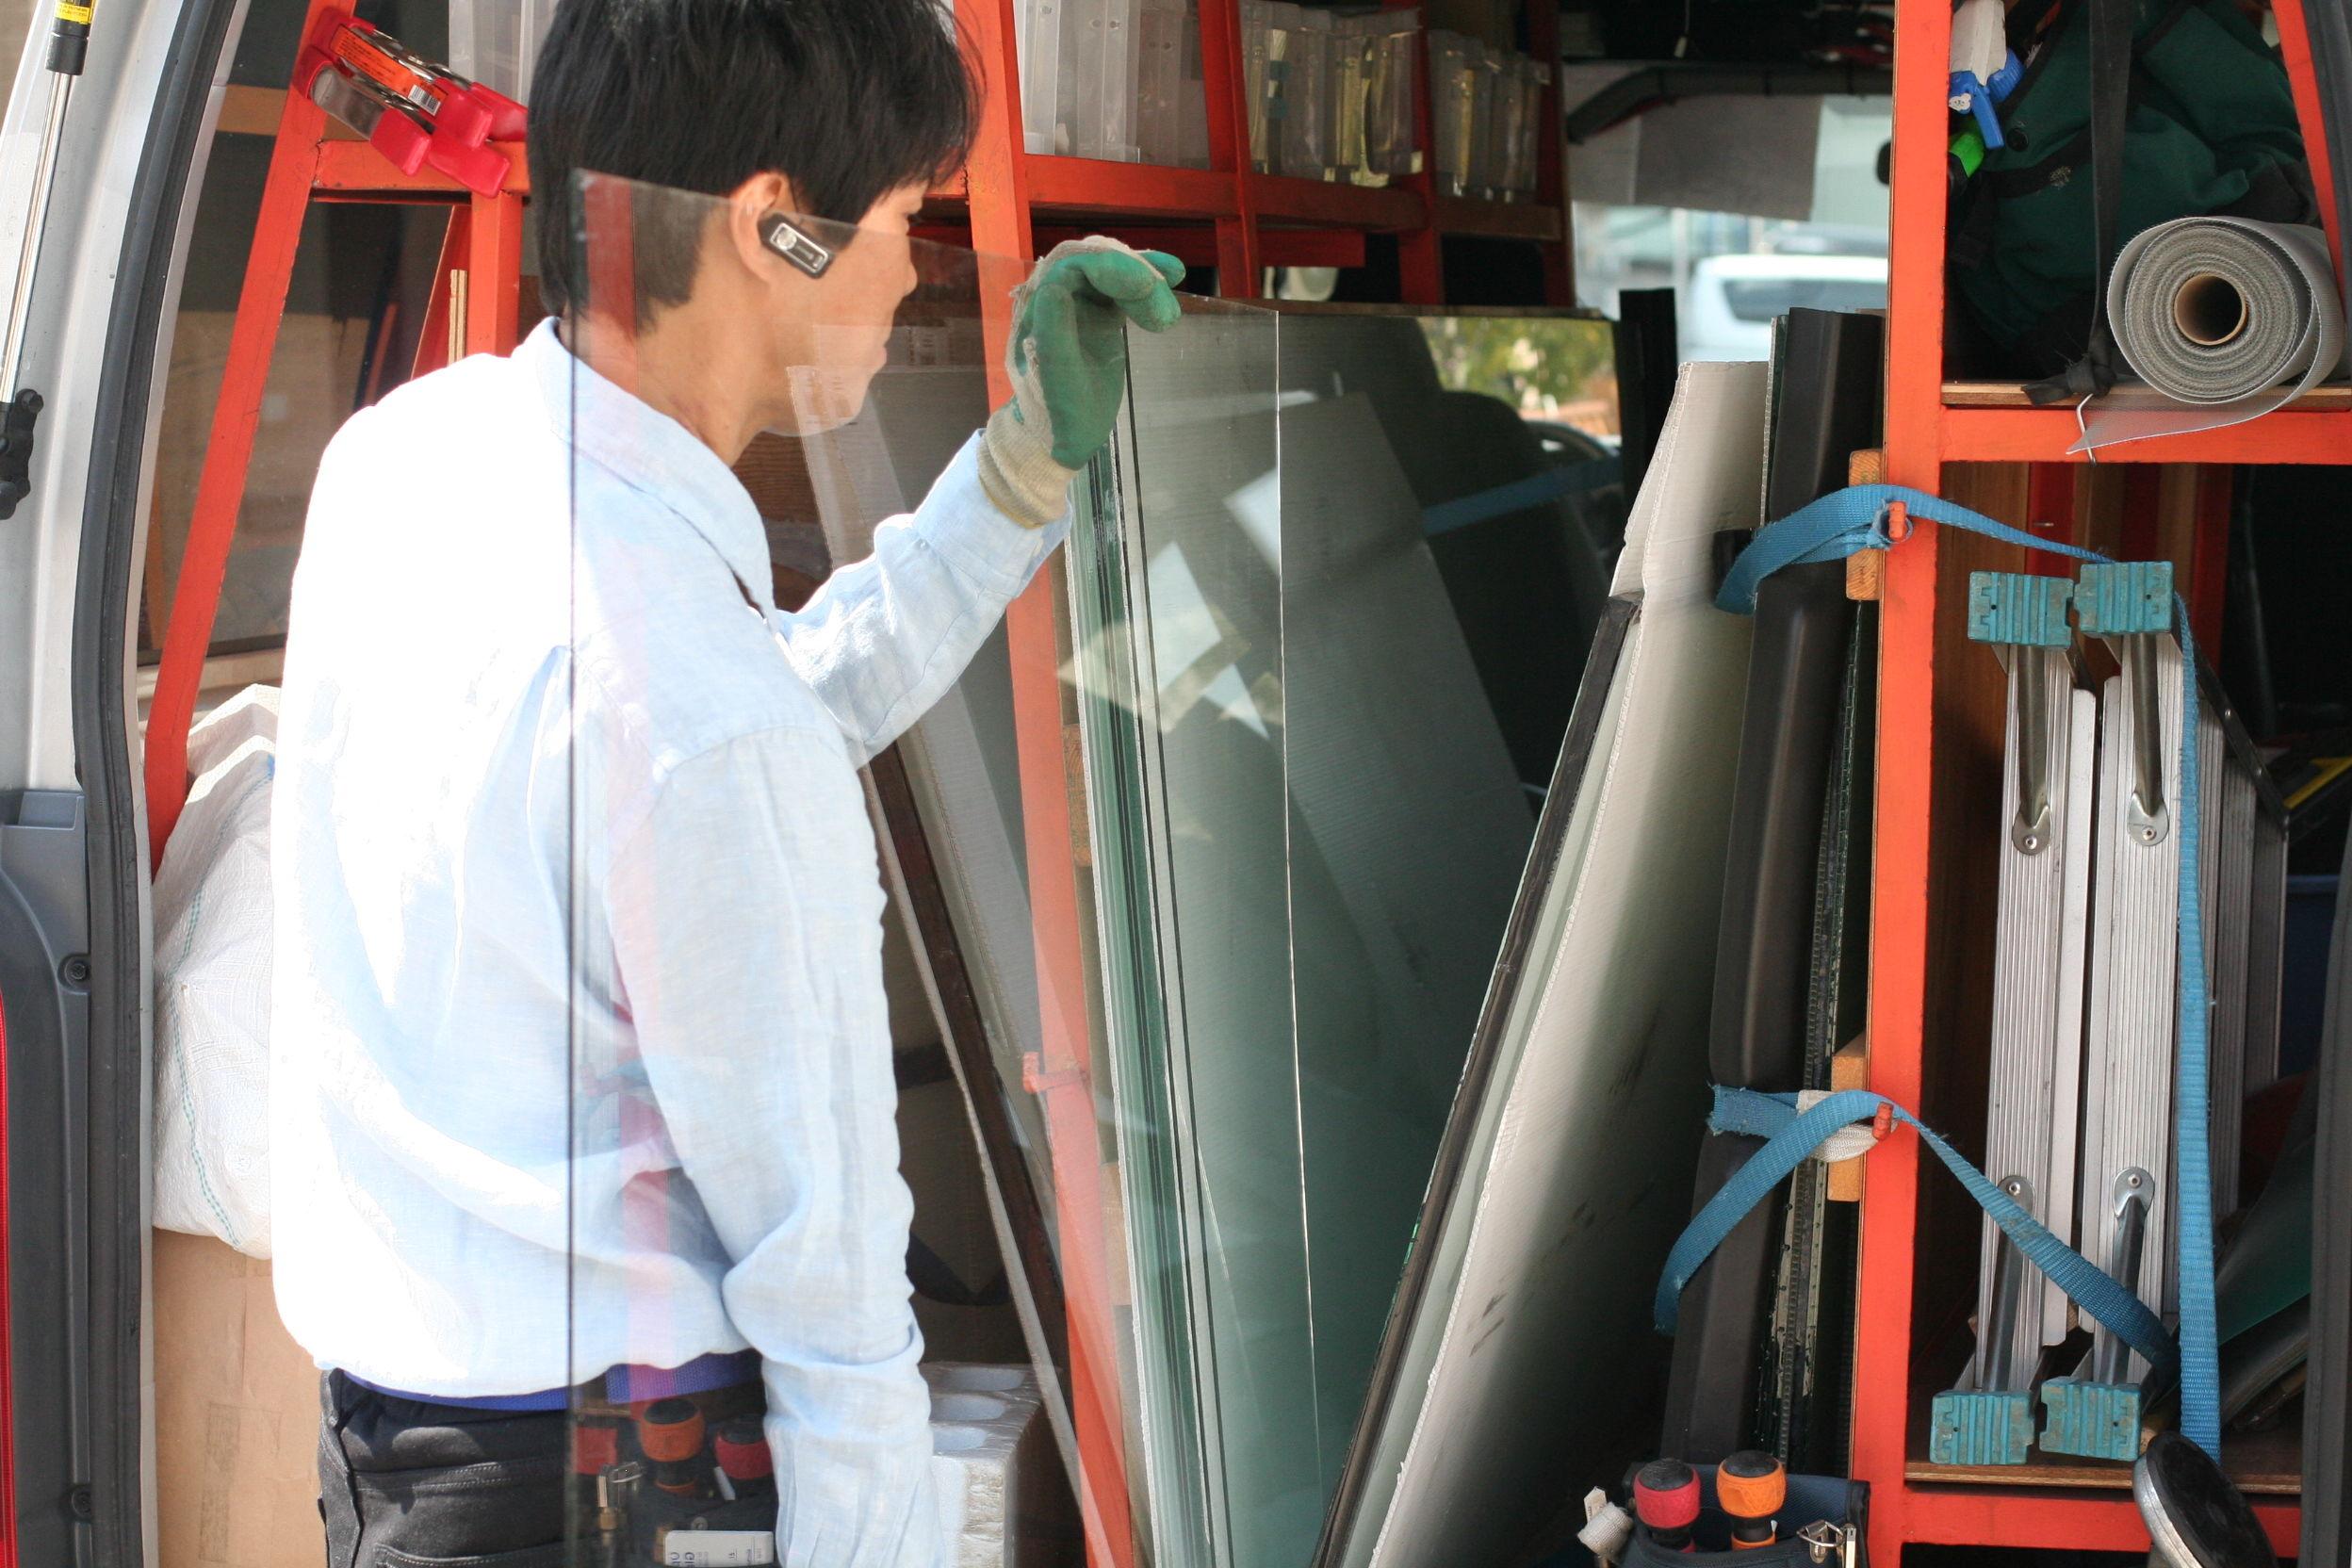 ガラスのトラブル救急車【龍ケ崎市 出張エリア】の店内・外観画像3